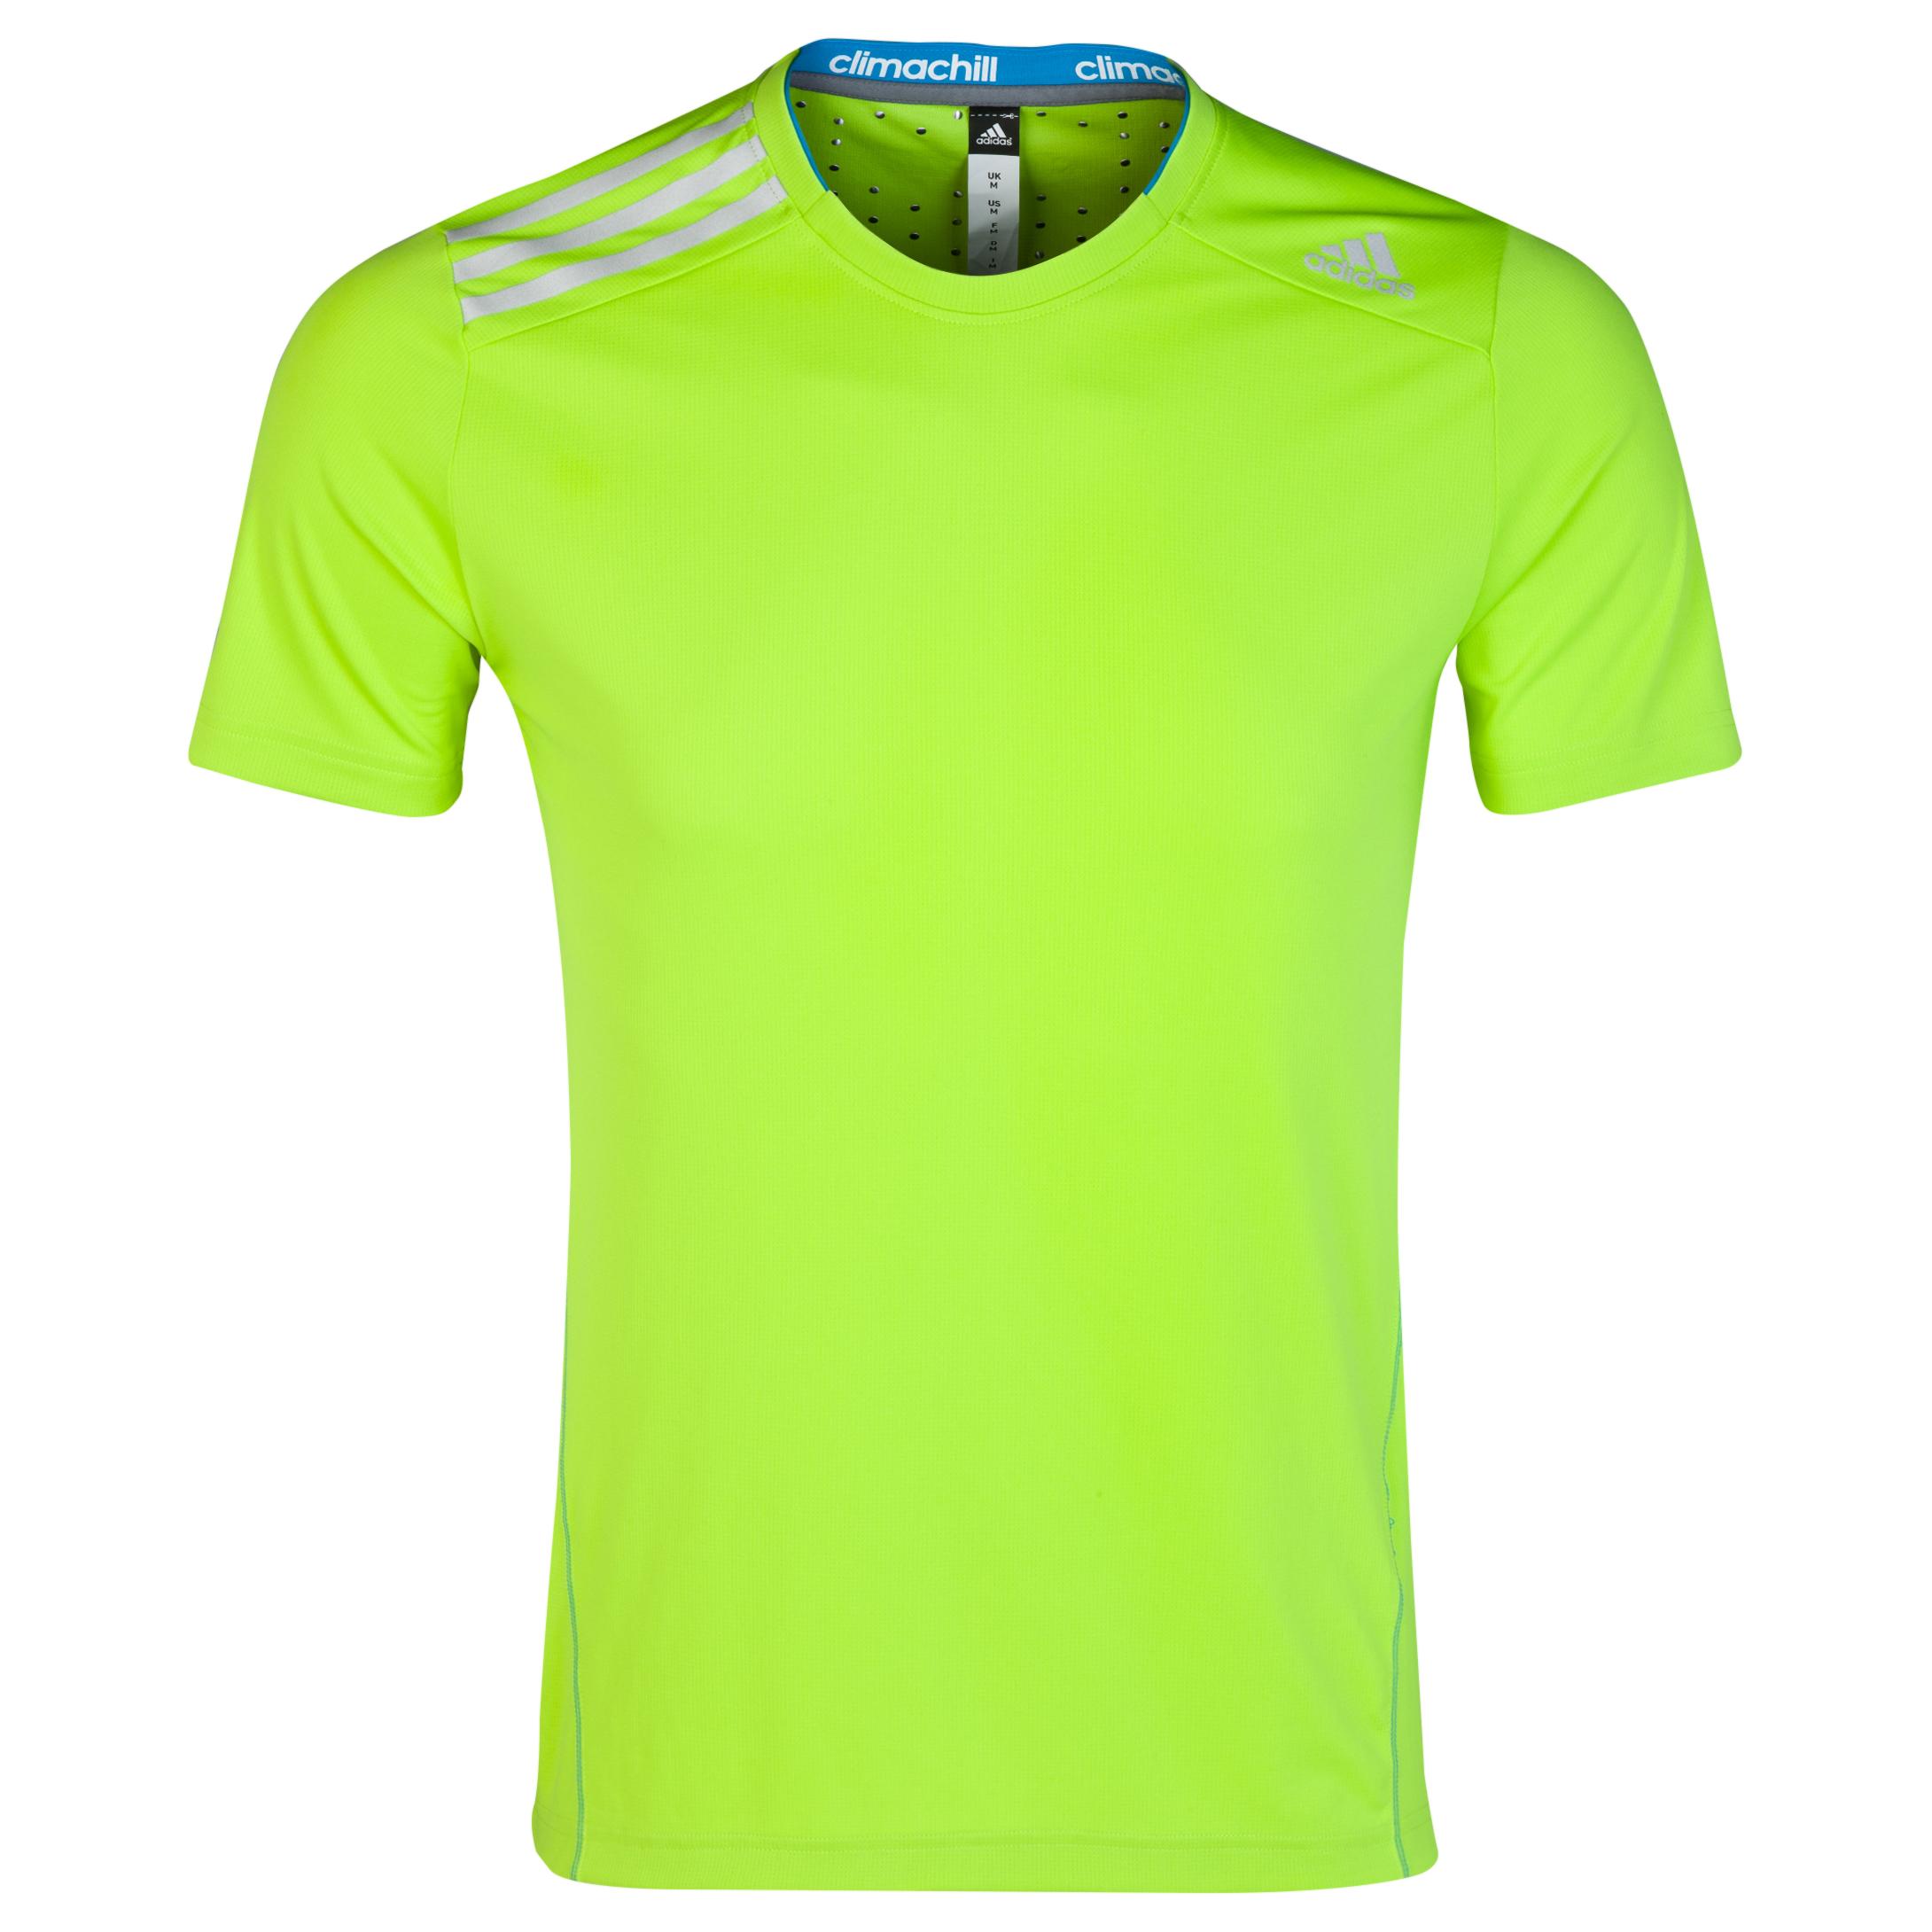 Adidas Climachill T-Shirt Lt Green